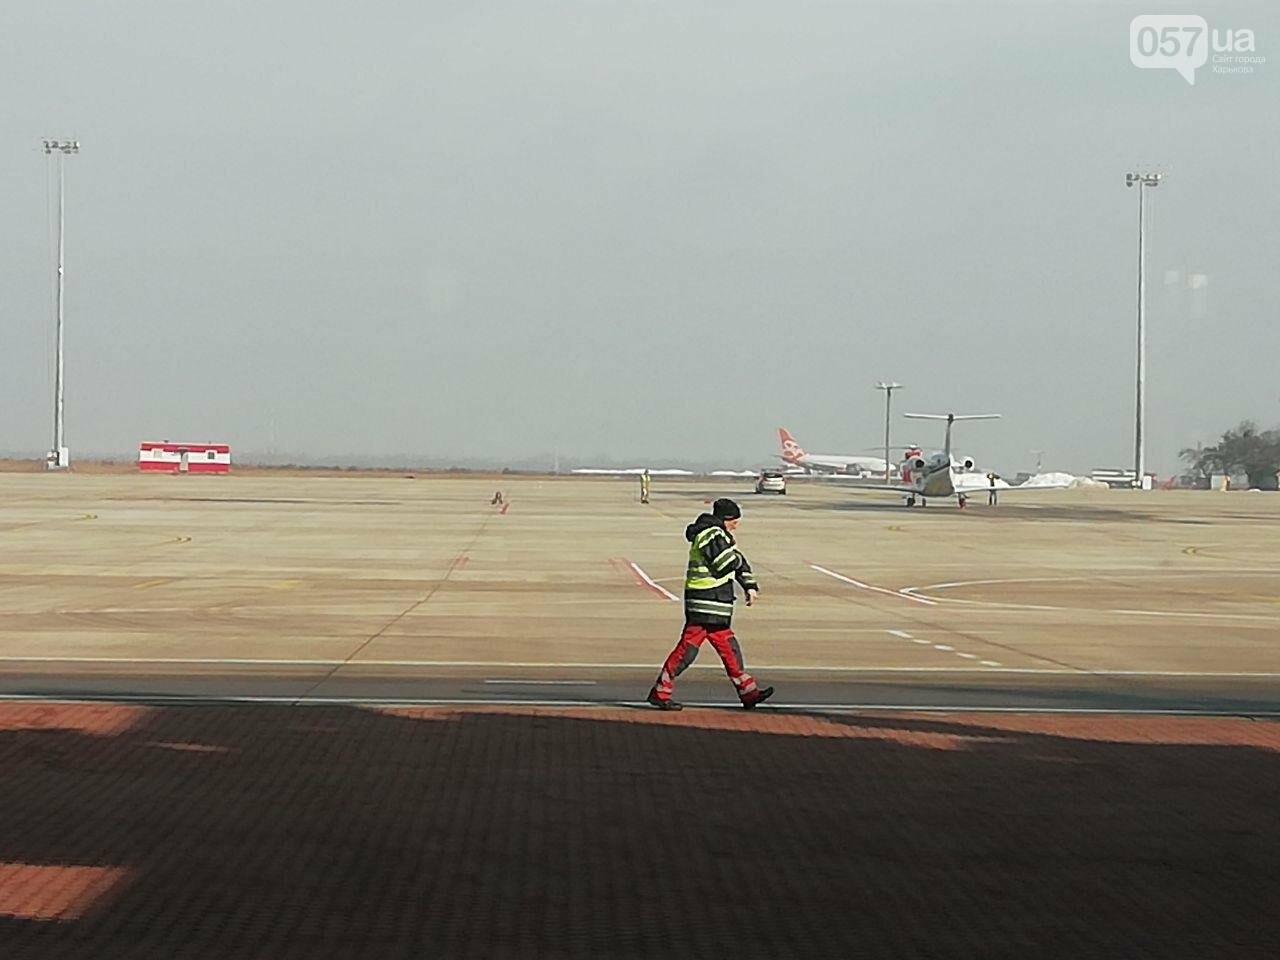 В харьковском аэропорту приземлился самолет с эвакуированными пассажирами из Китая, - ОНЛАЙН-ТРАНСЛЯЦИЯ, фото-8